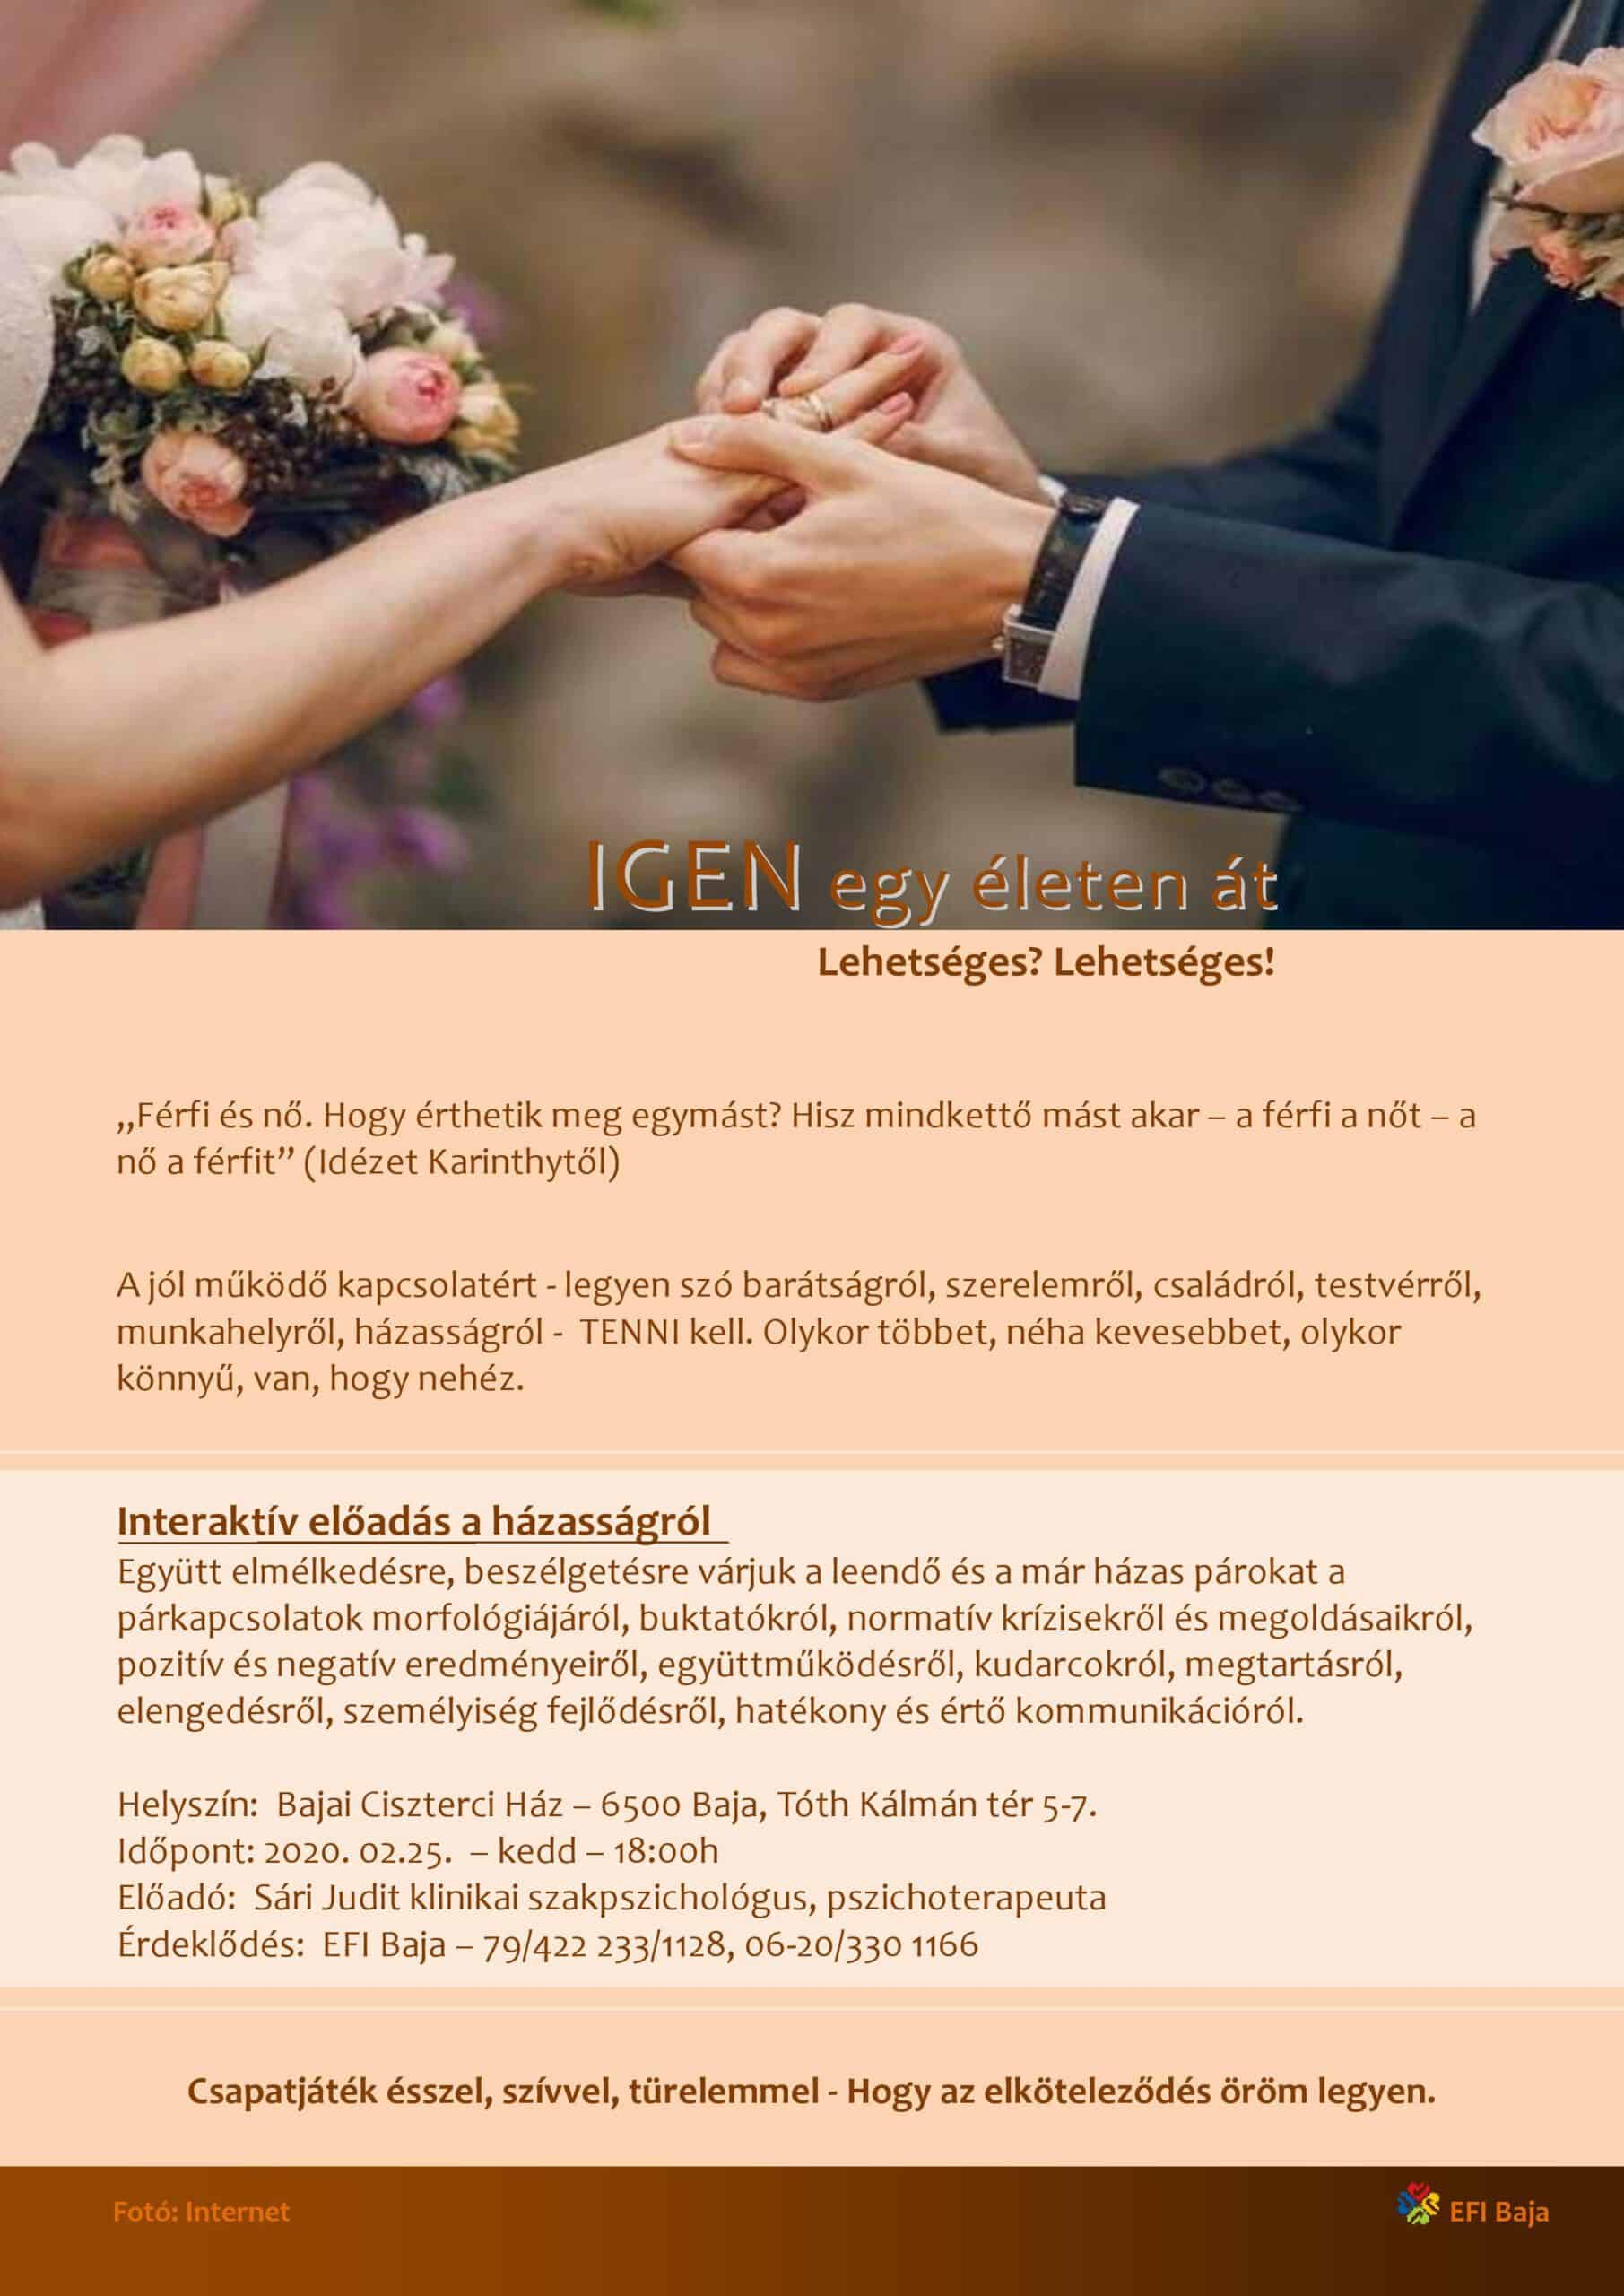 Interaktív előadás a házasságról